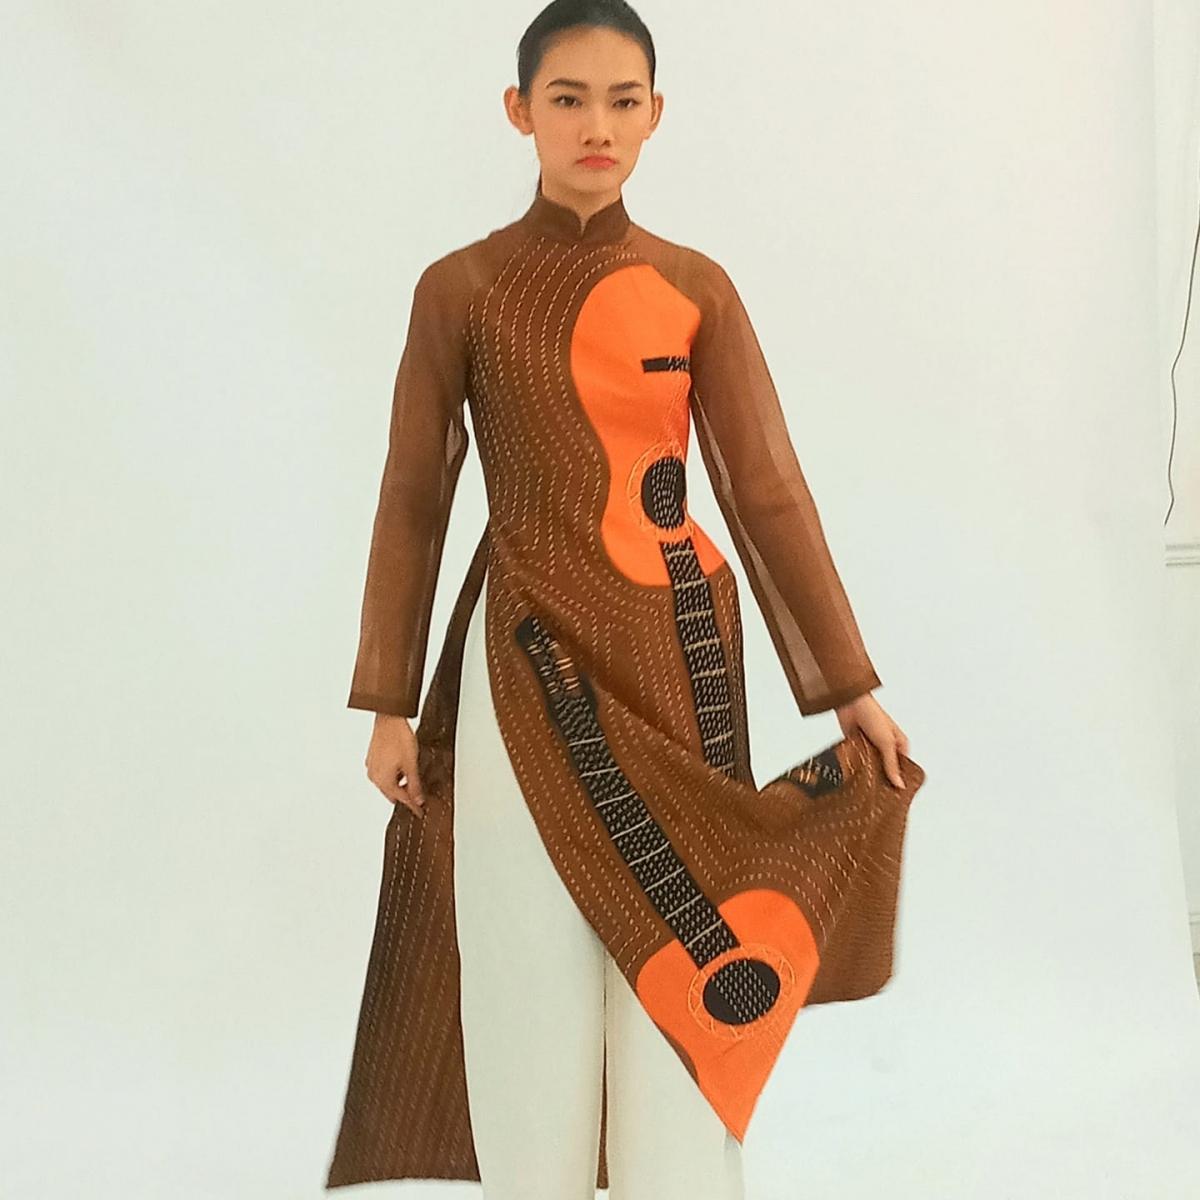 Diego đã đưa hình ảnh cây đàn guitar của Tây Ban Nha lên áo dài Việt Nam. Sắp tới ông dự định sẽ đưa thêm những bức họa của Picasso lên trang phục truyền thống này.